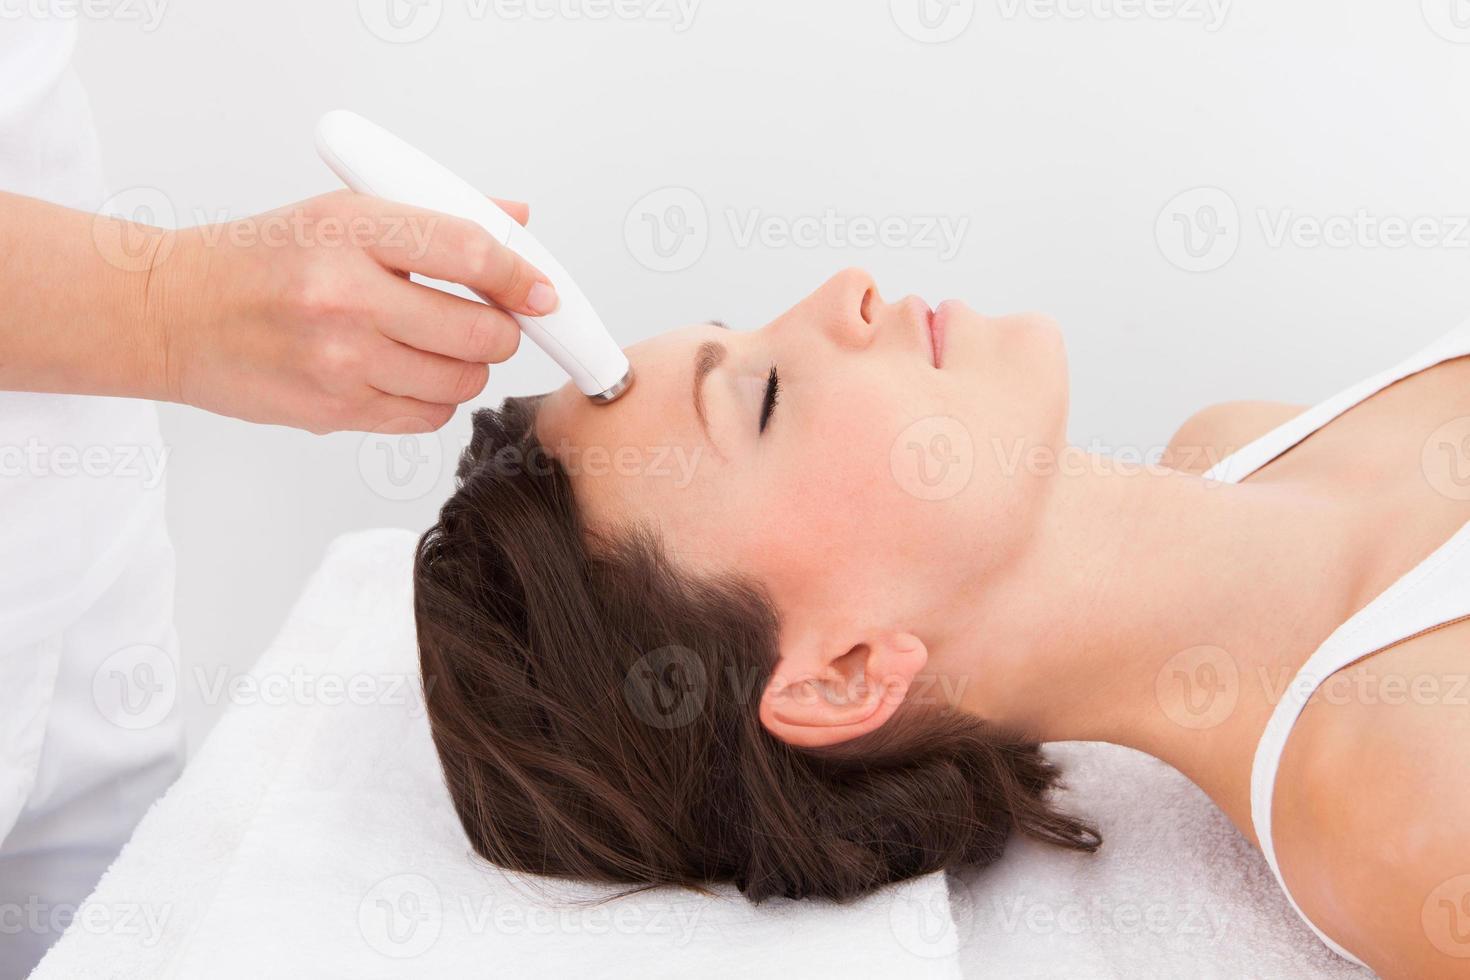 donna sottoposta a trattamento di microdermoabrasione foto